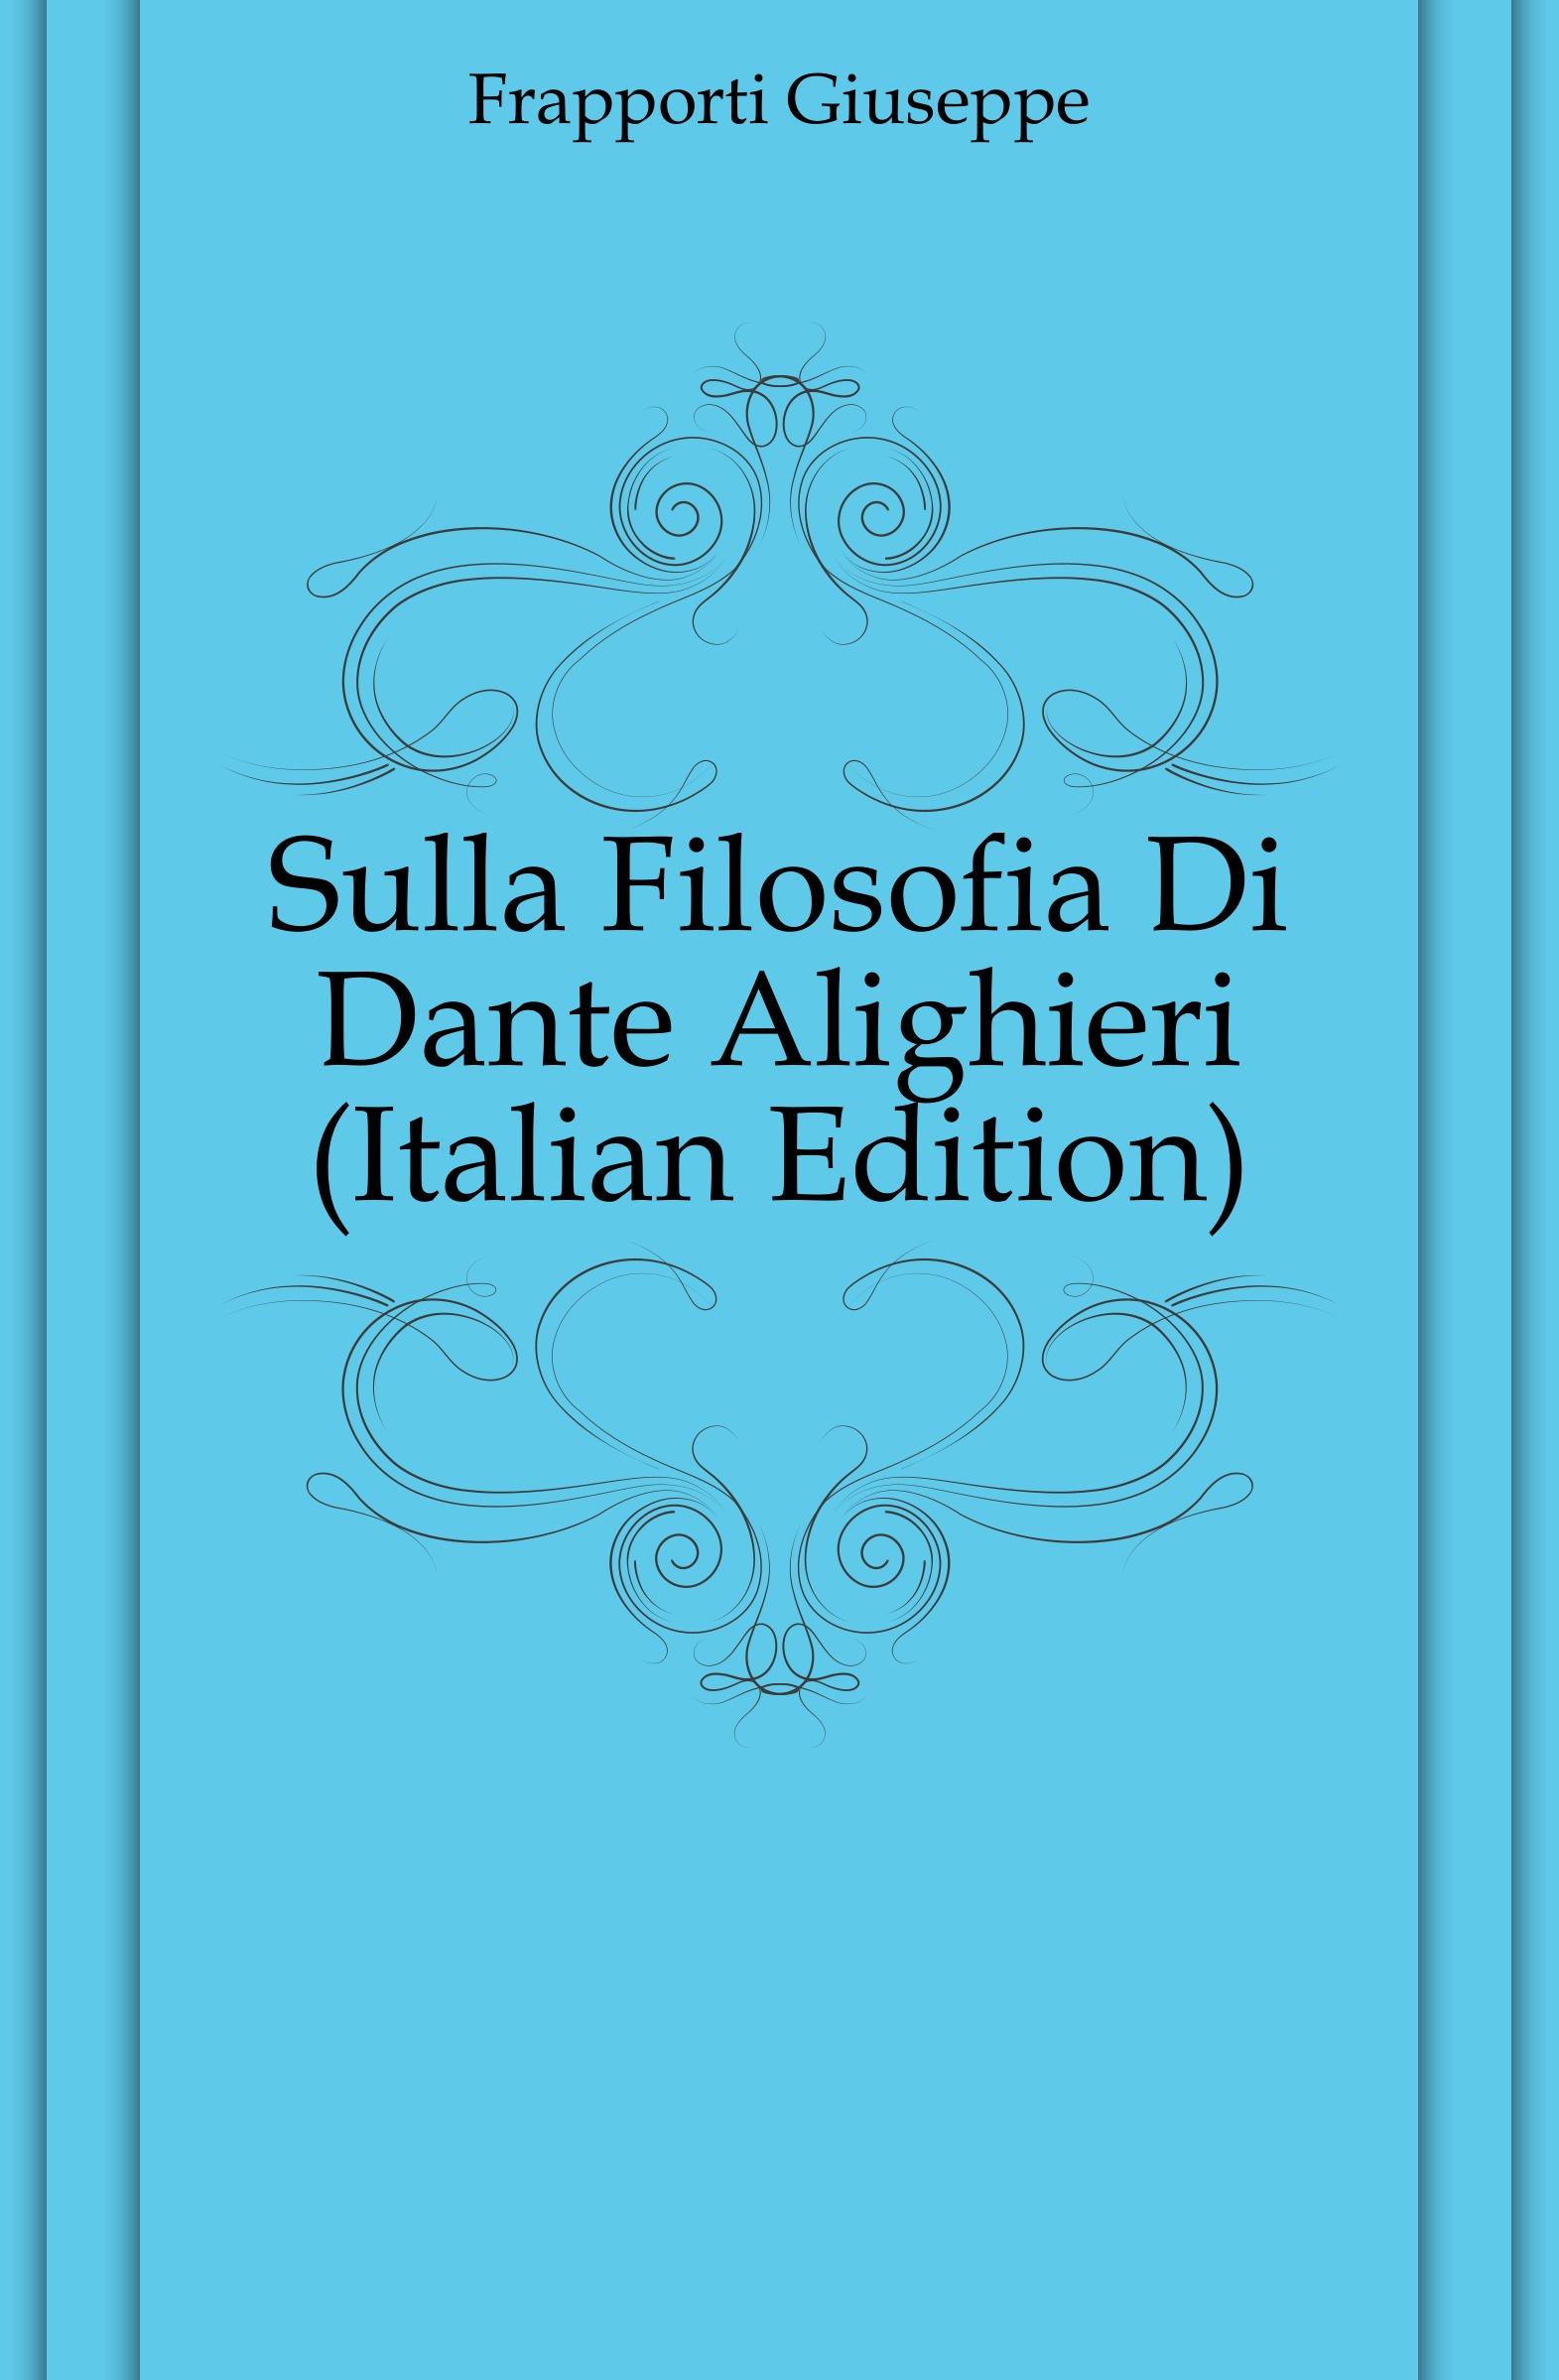 Frapporti Giuseppe Sulla Filosofia Di Dante Alighieri (Italian Edition) onorato guariglia sulla comedia sic di dante alighieri studii italian edition